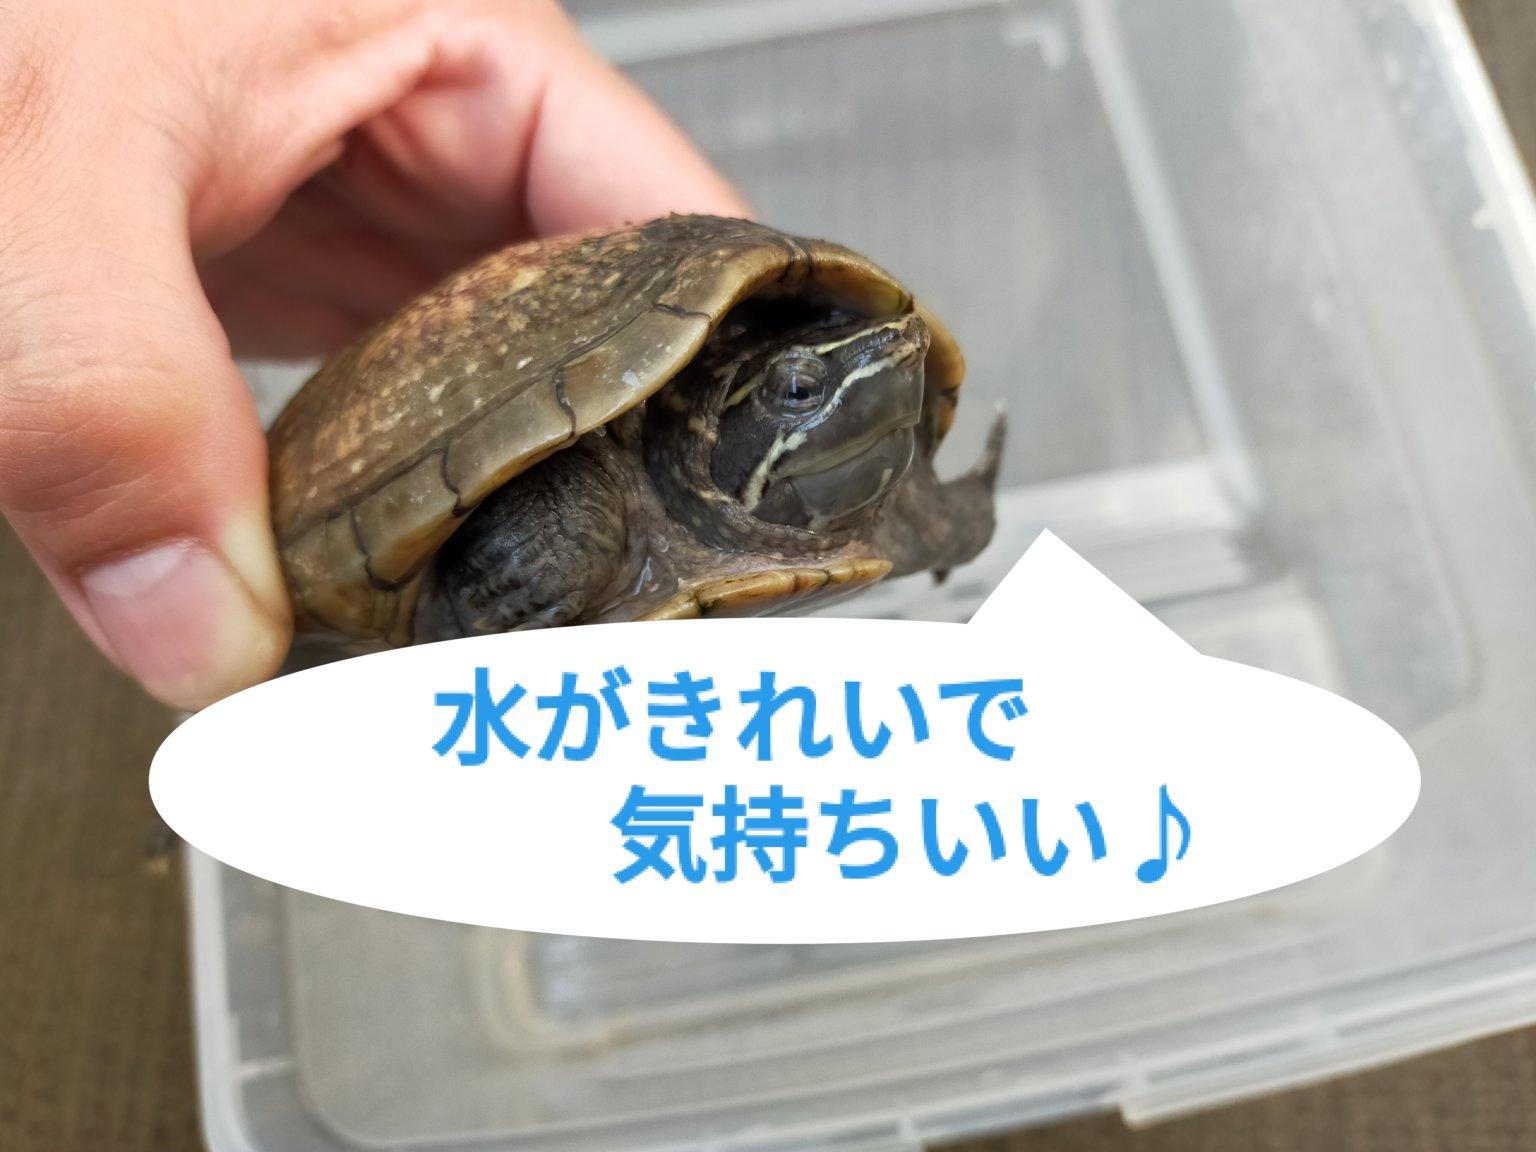 【水替えとエサやり】暖かくなってきて元気いっぱいの黒豆ちゃん♪【ミシシッピニオイガメの飼育】